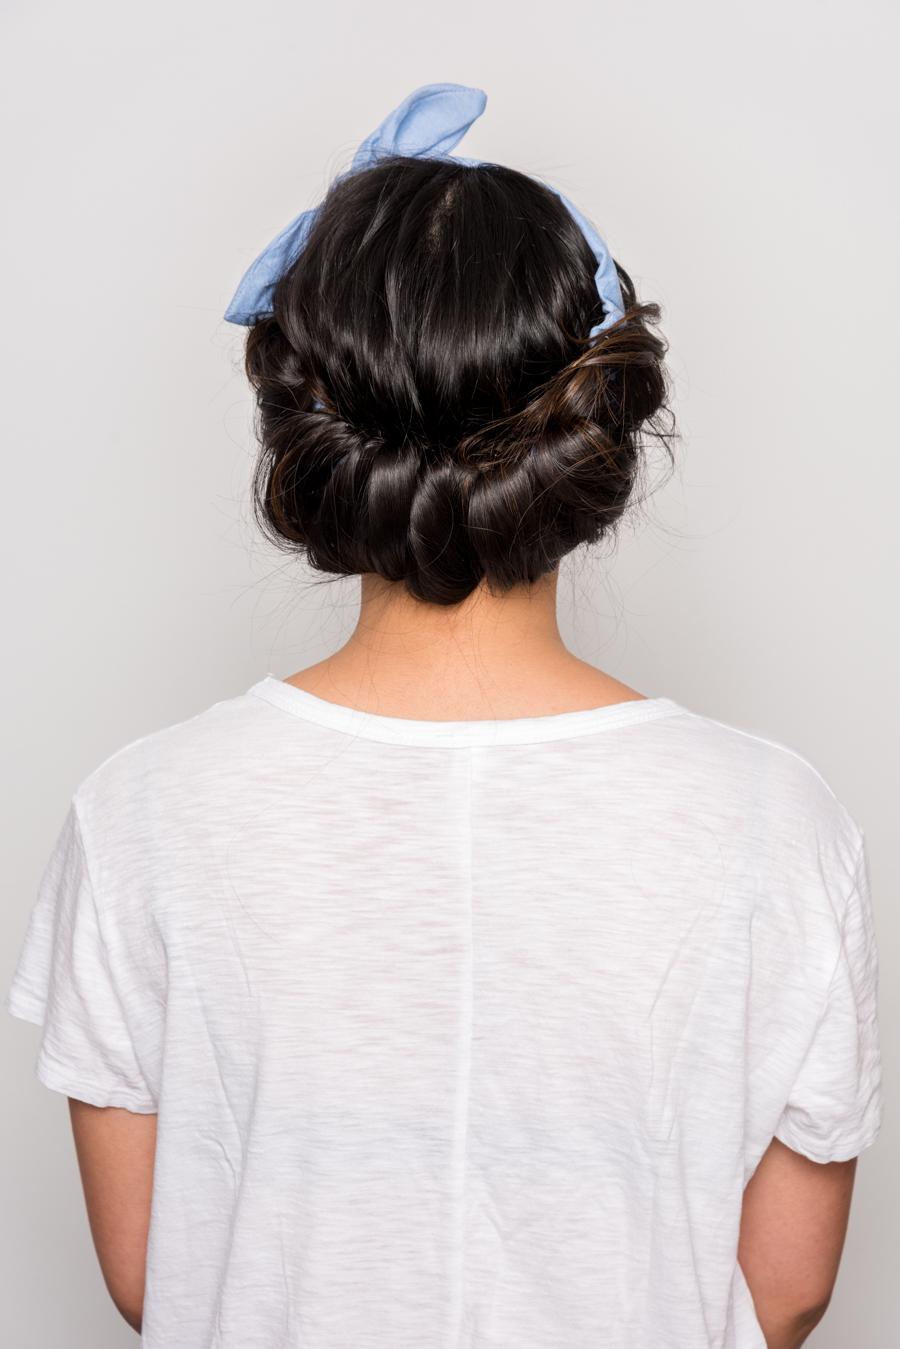 How To Do An Easy Headband Updo 夏にオススメの簡単ヘアアレンジ 14